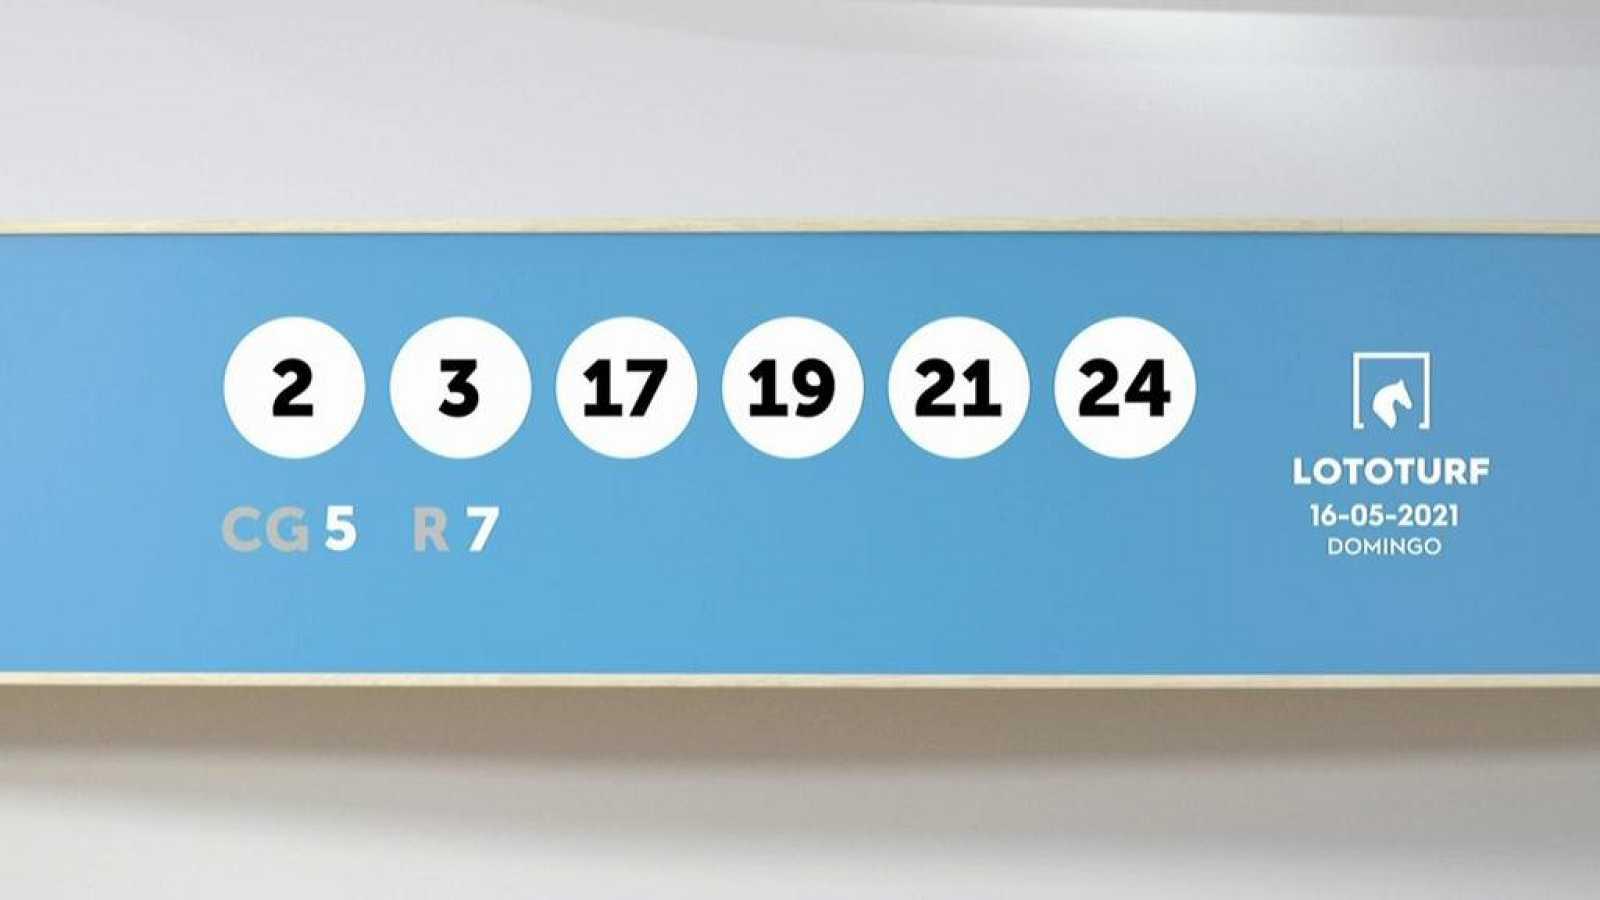 Sorteo de la Lotería Lototurf del 16/05/2021 - Ver ahora